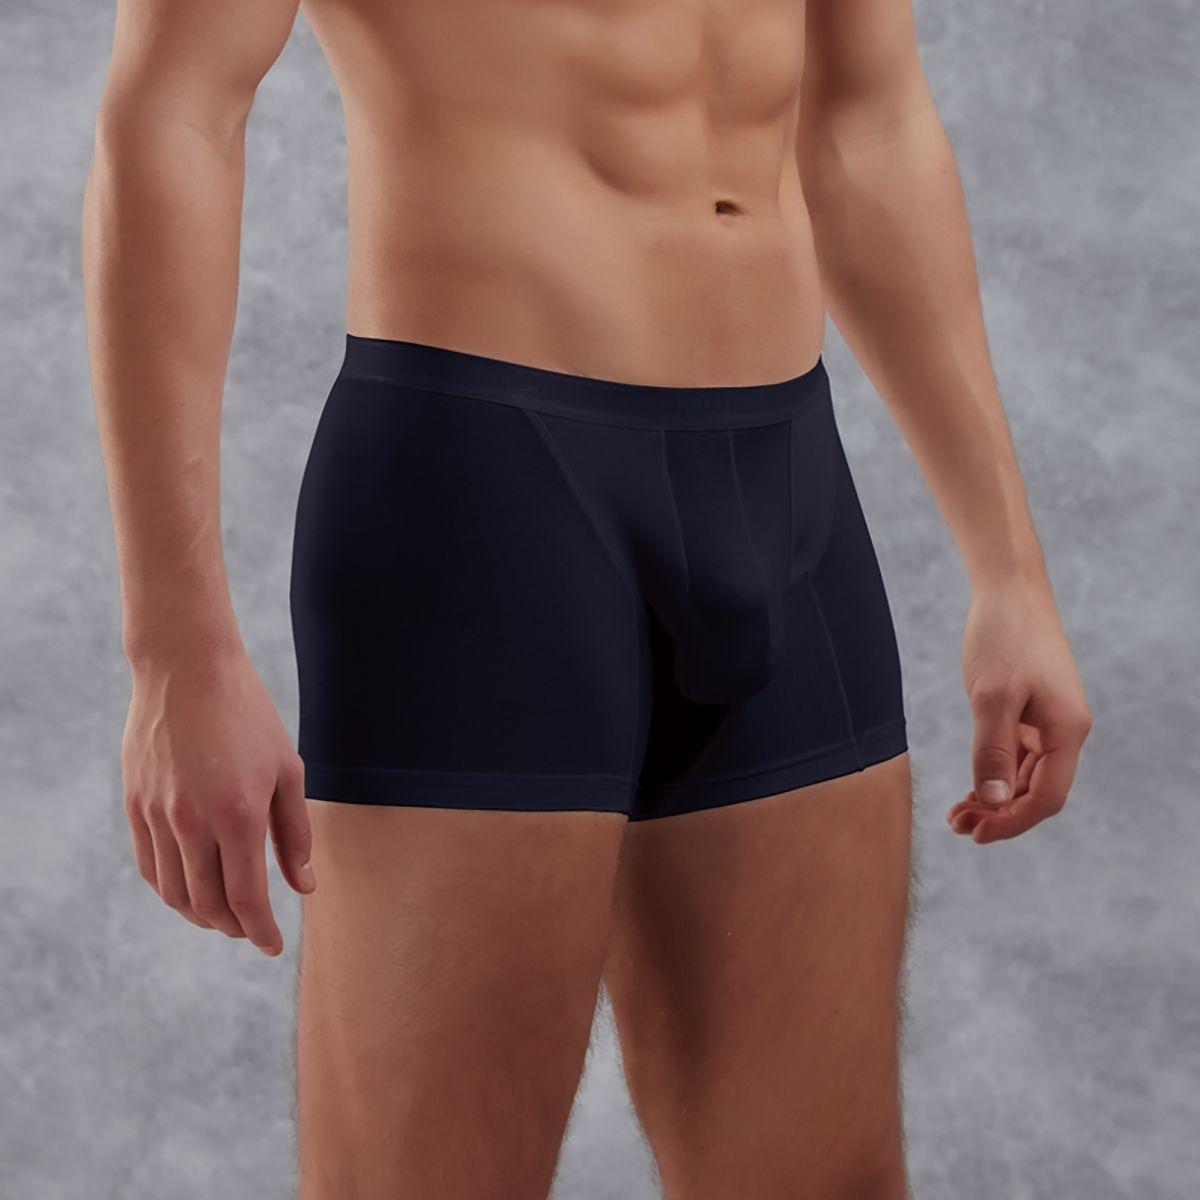 Мужское белье: Боксеры из полупрозрачной хлопково-модальной ткани